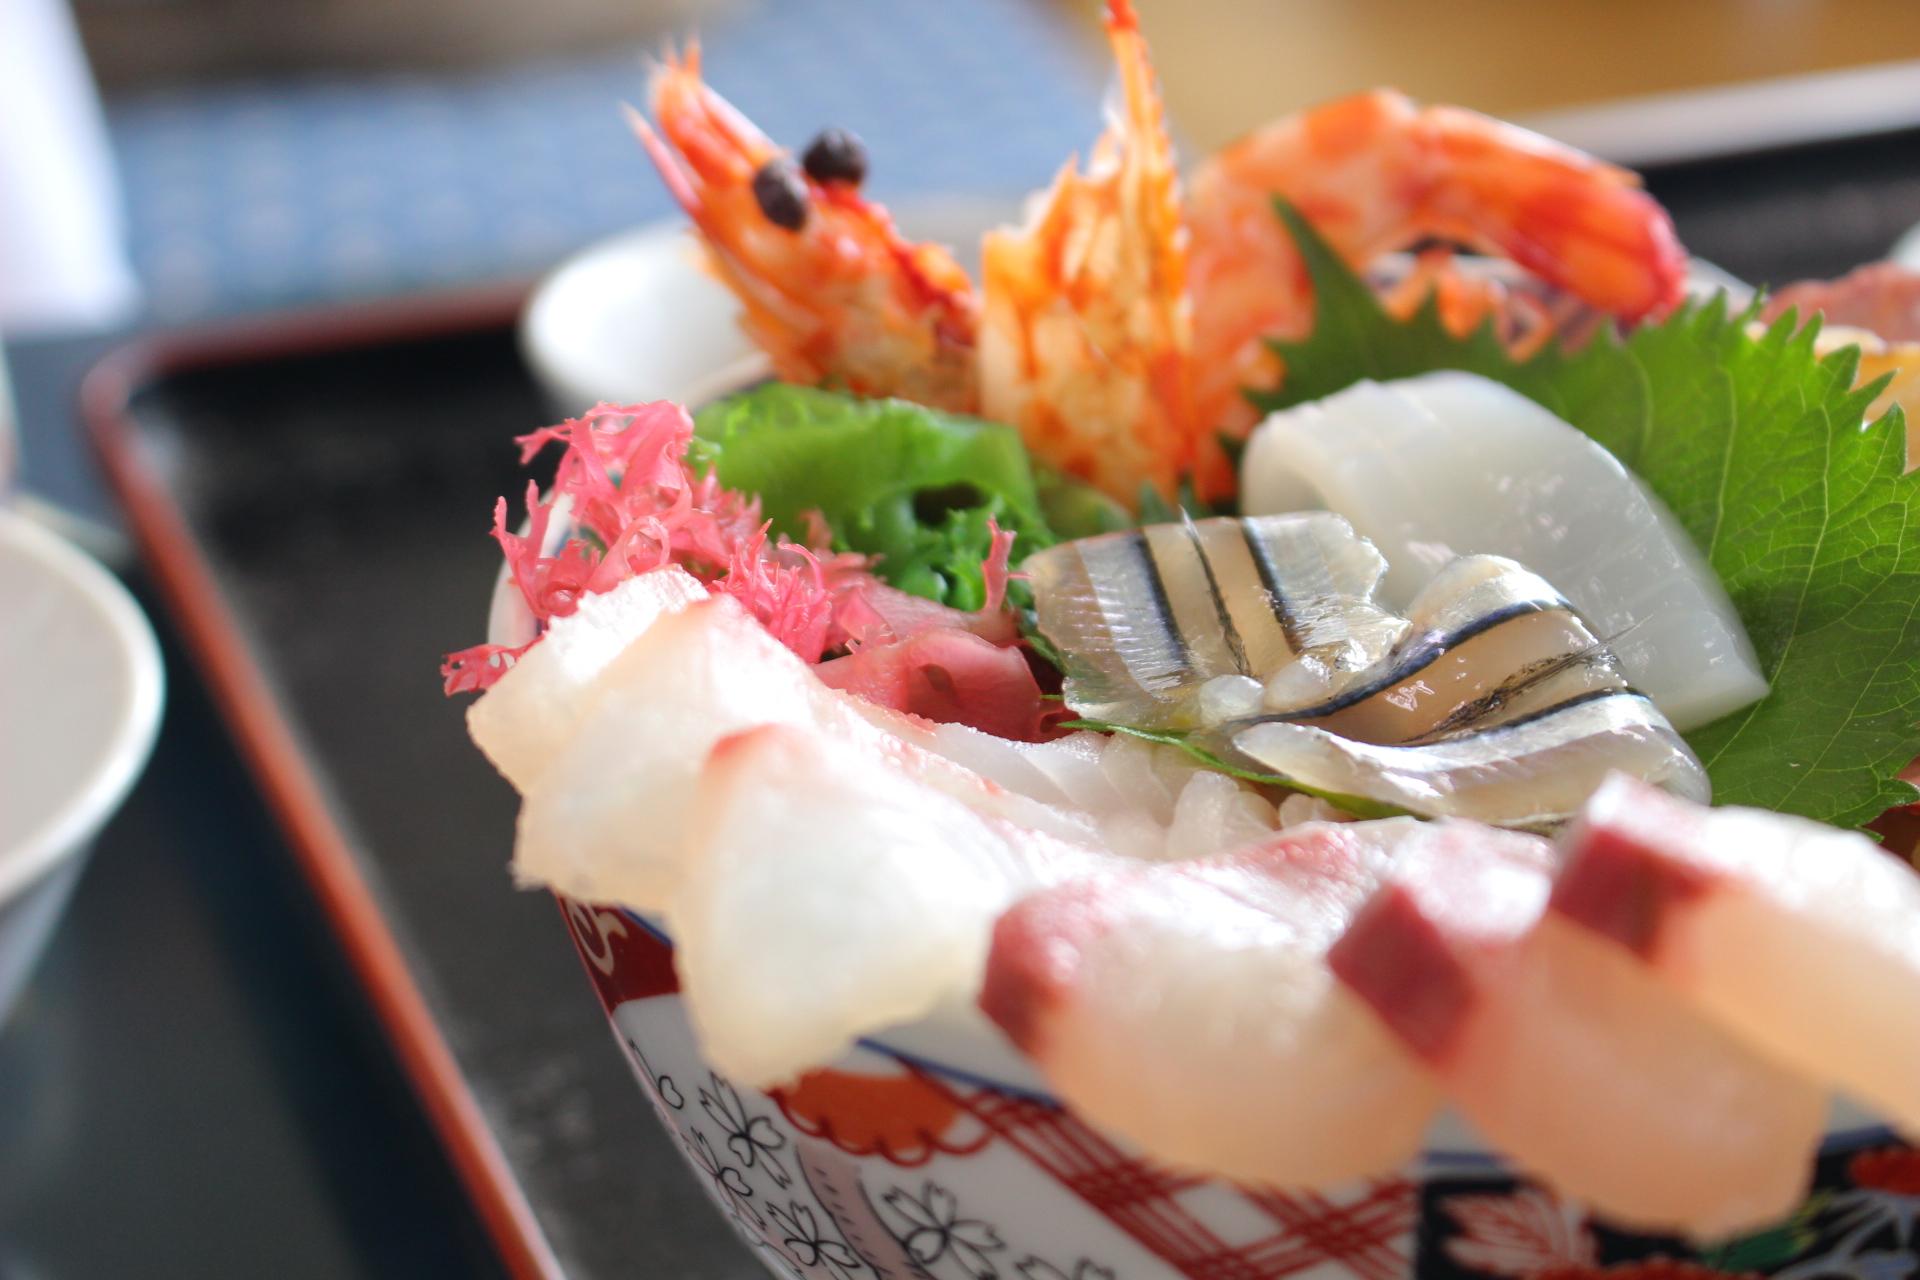 【丸健水産】天草!イルカウォッチング近くで海鮮丼ランチ@メニュー